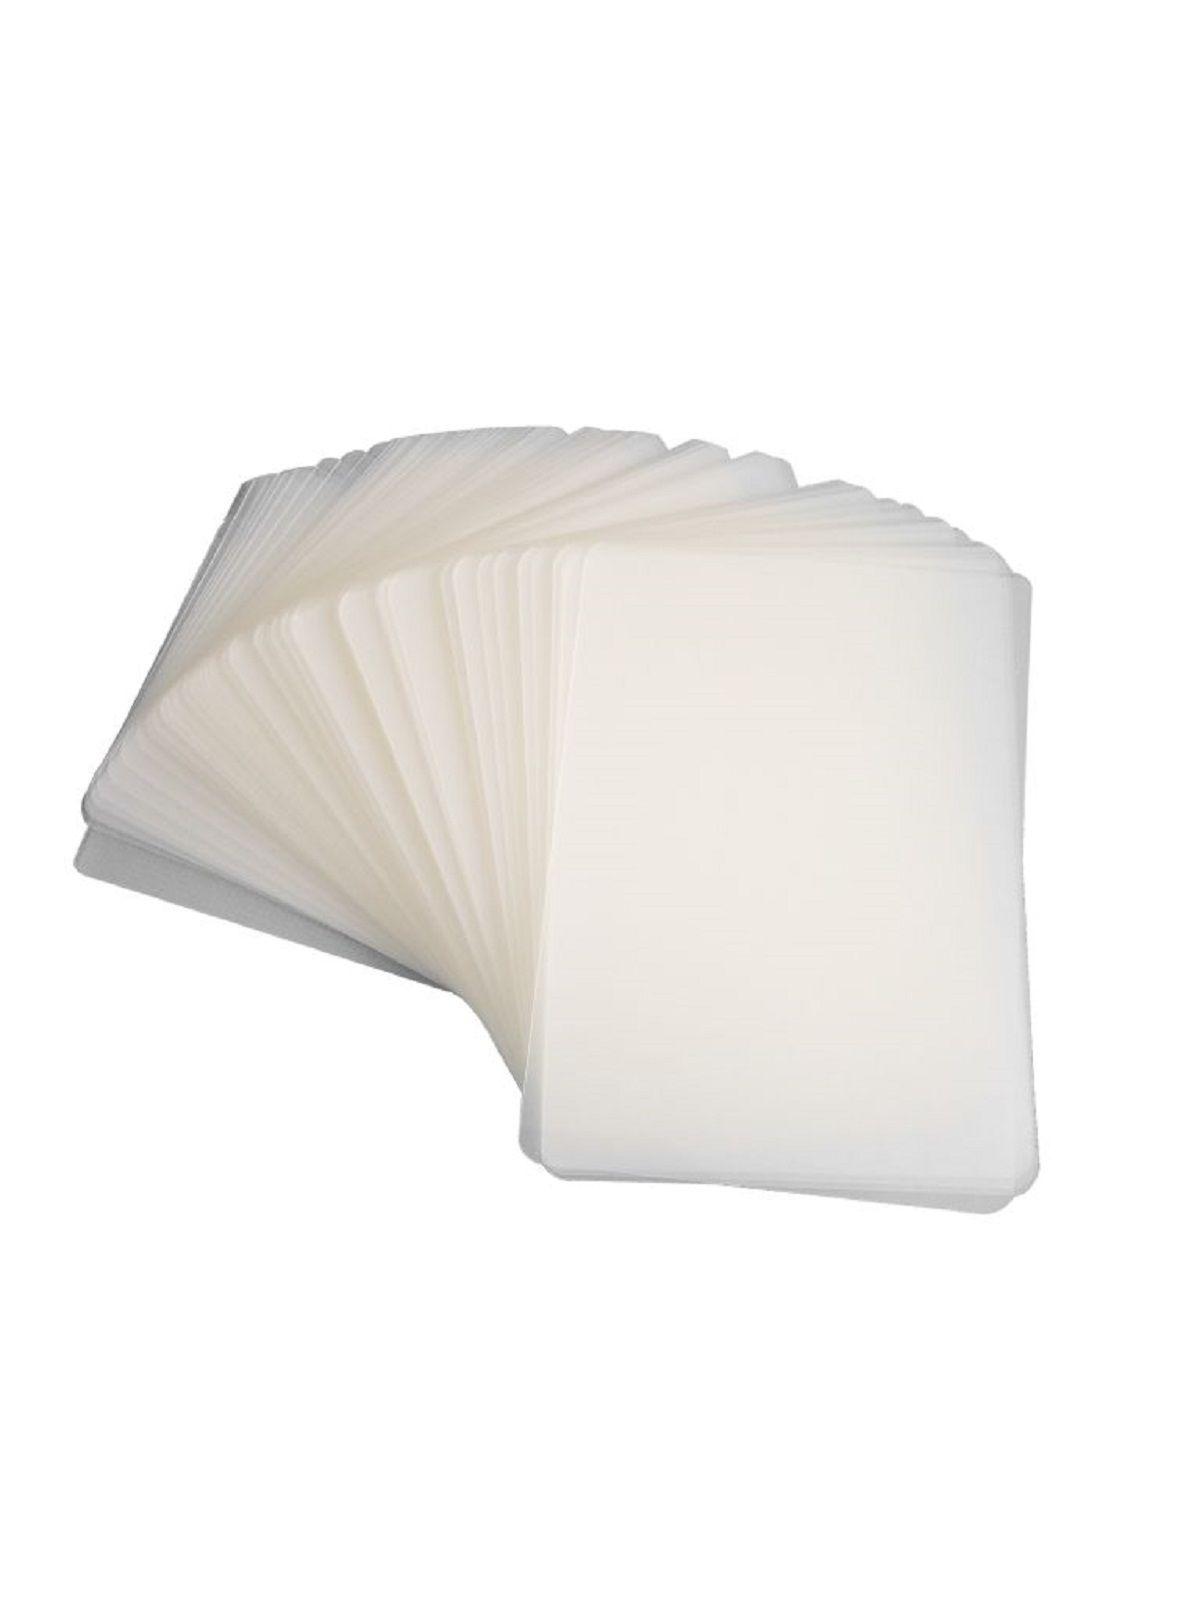 Polaseal para Plastificação 1/2 Oficio 170x226x0,10mm (250 micras) - Pacote com 100 unidades  - Click Suprimentos